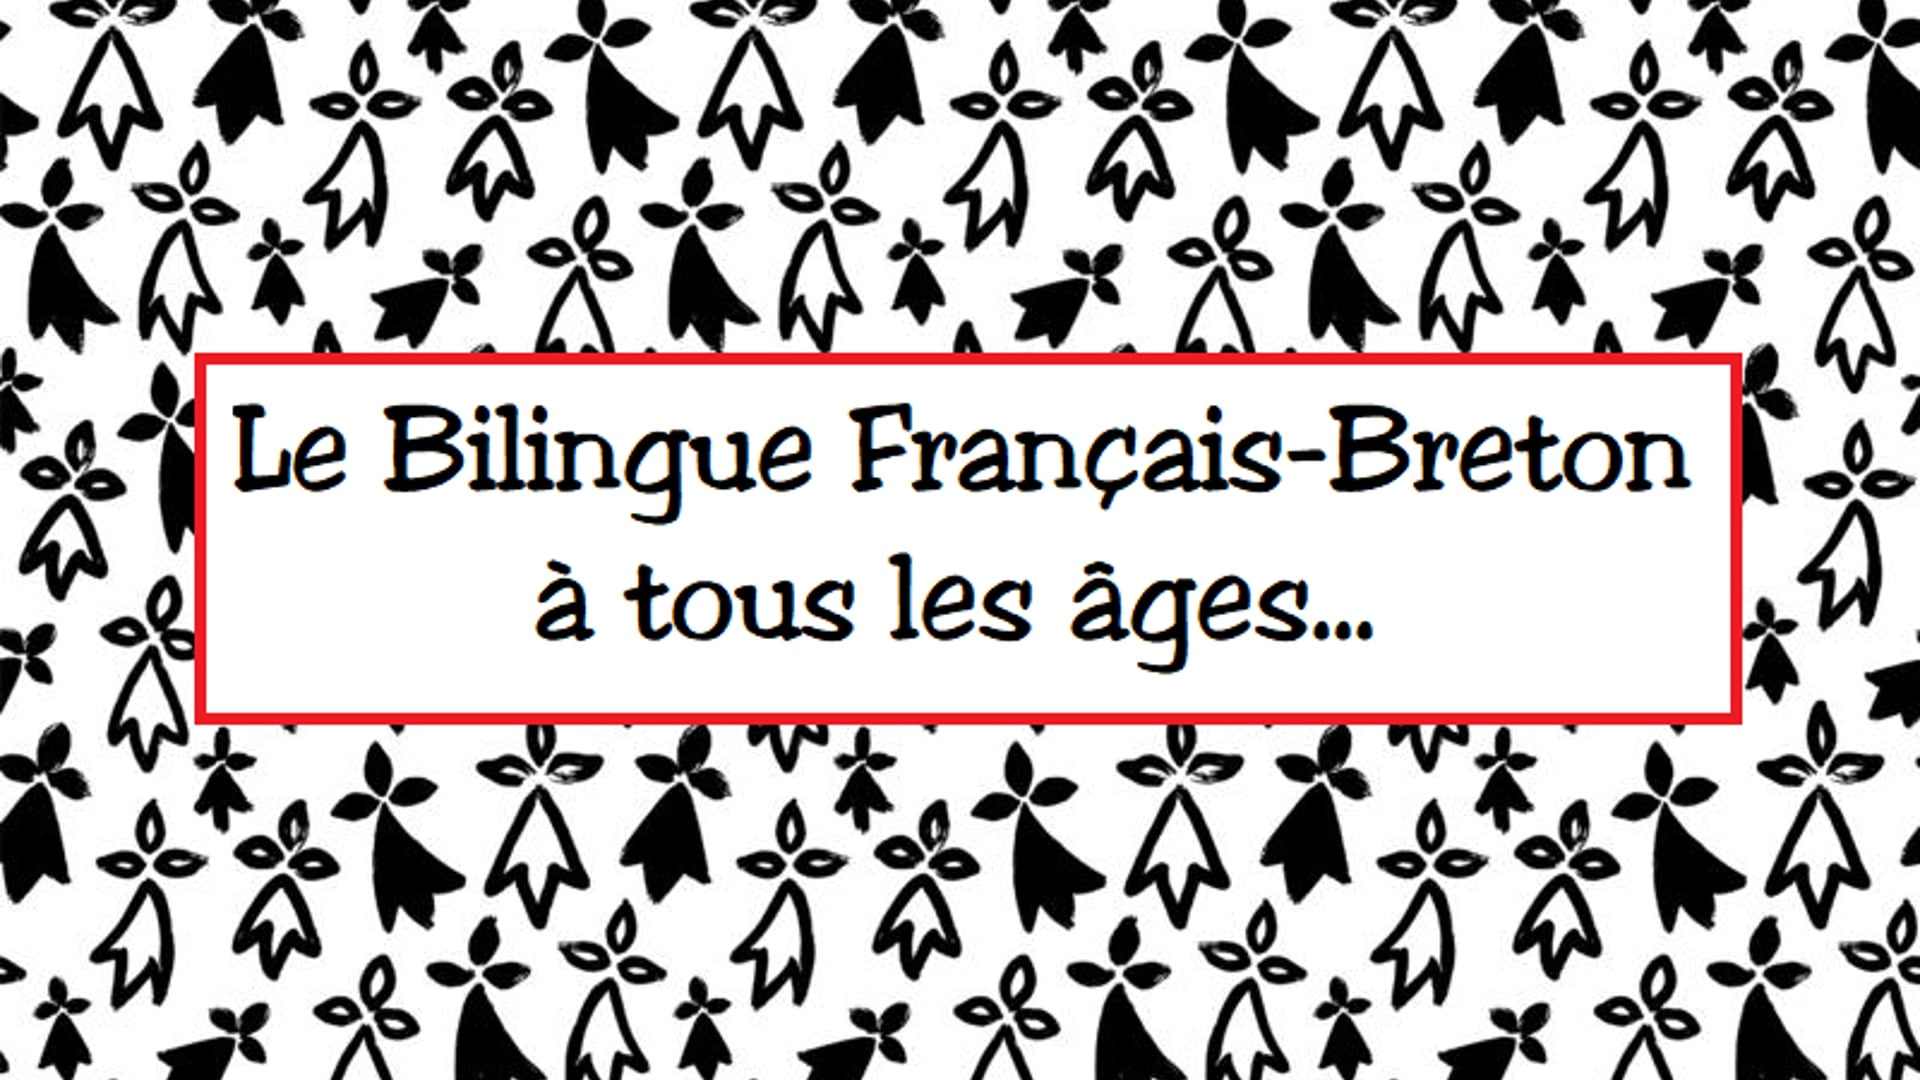 La Filière Bilingue - NdV Plouescat